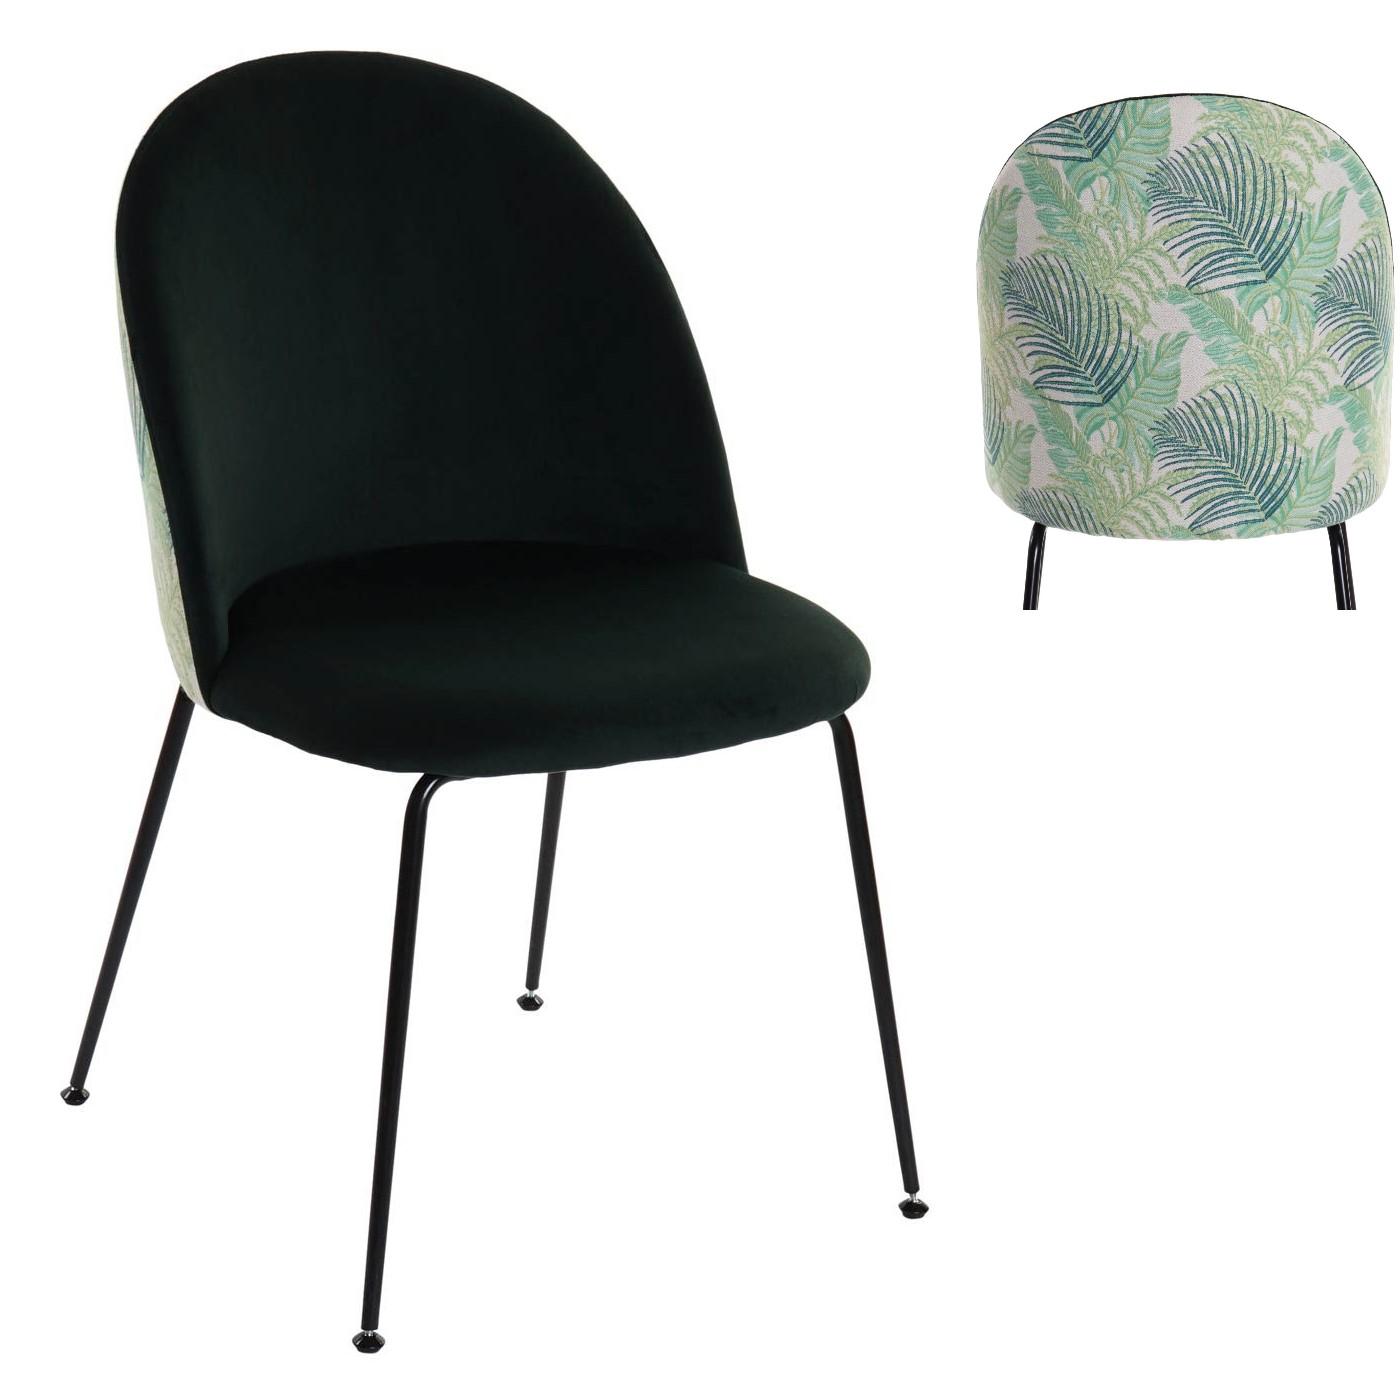 31811-s2-sillas-terciopelo-negro-estampado.jpg